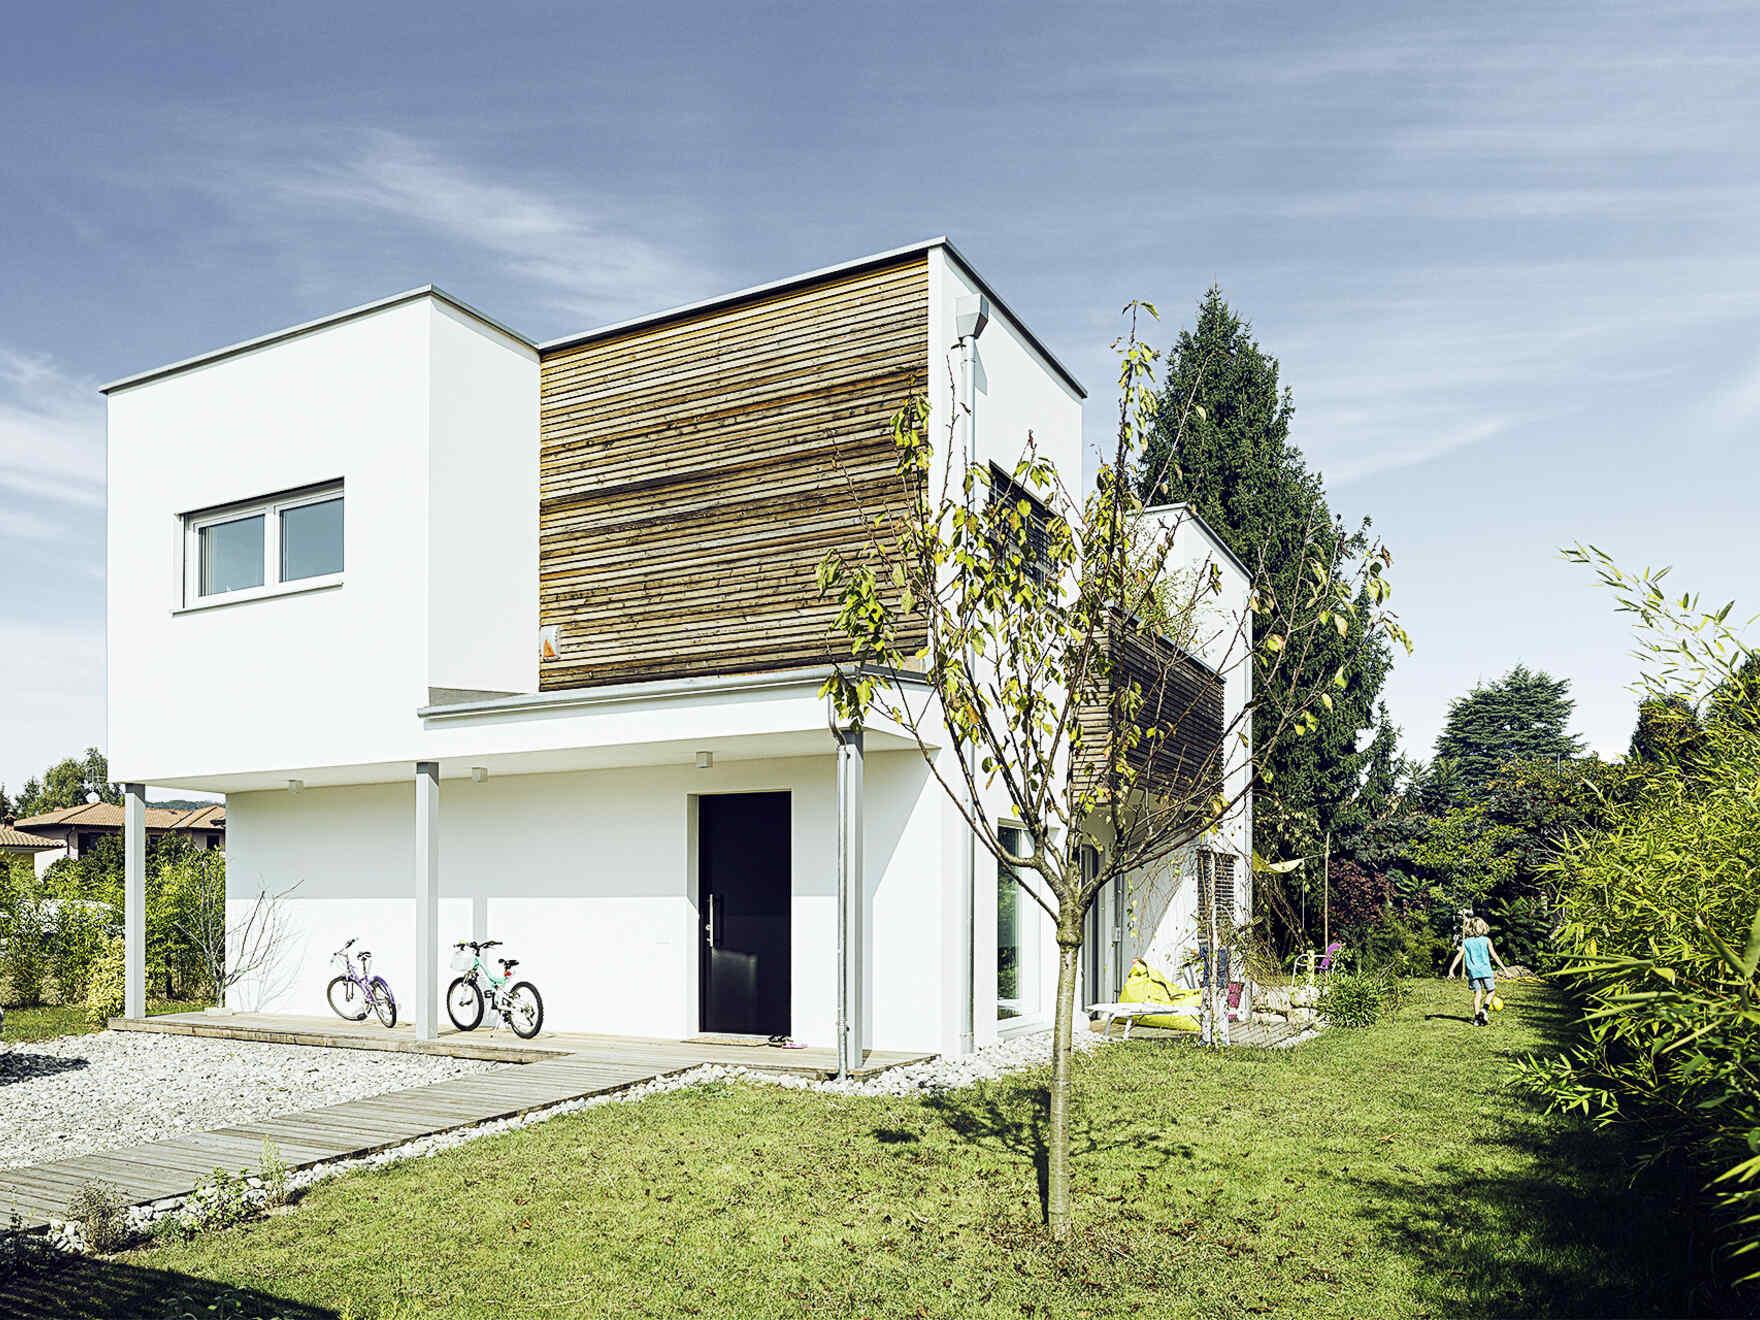 casa prefabbricata in legno famiglia Peracca